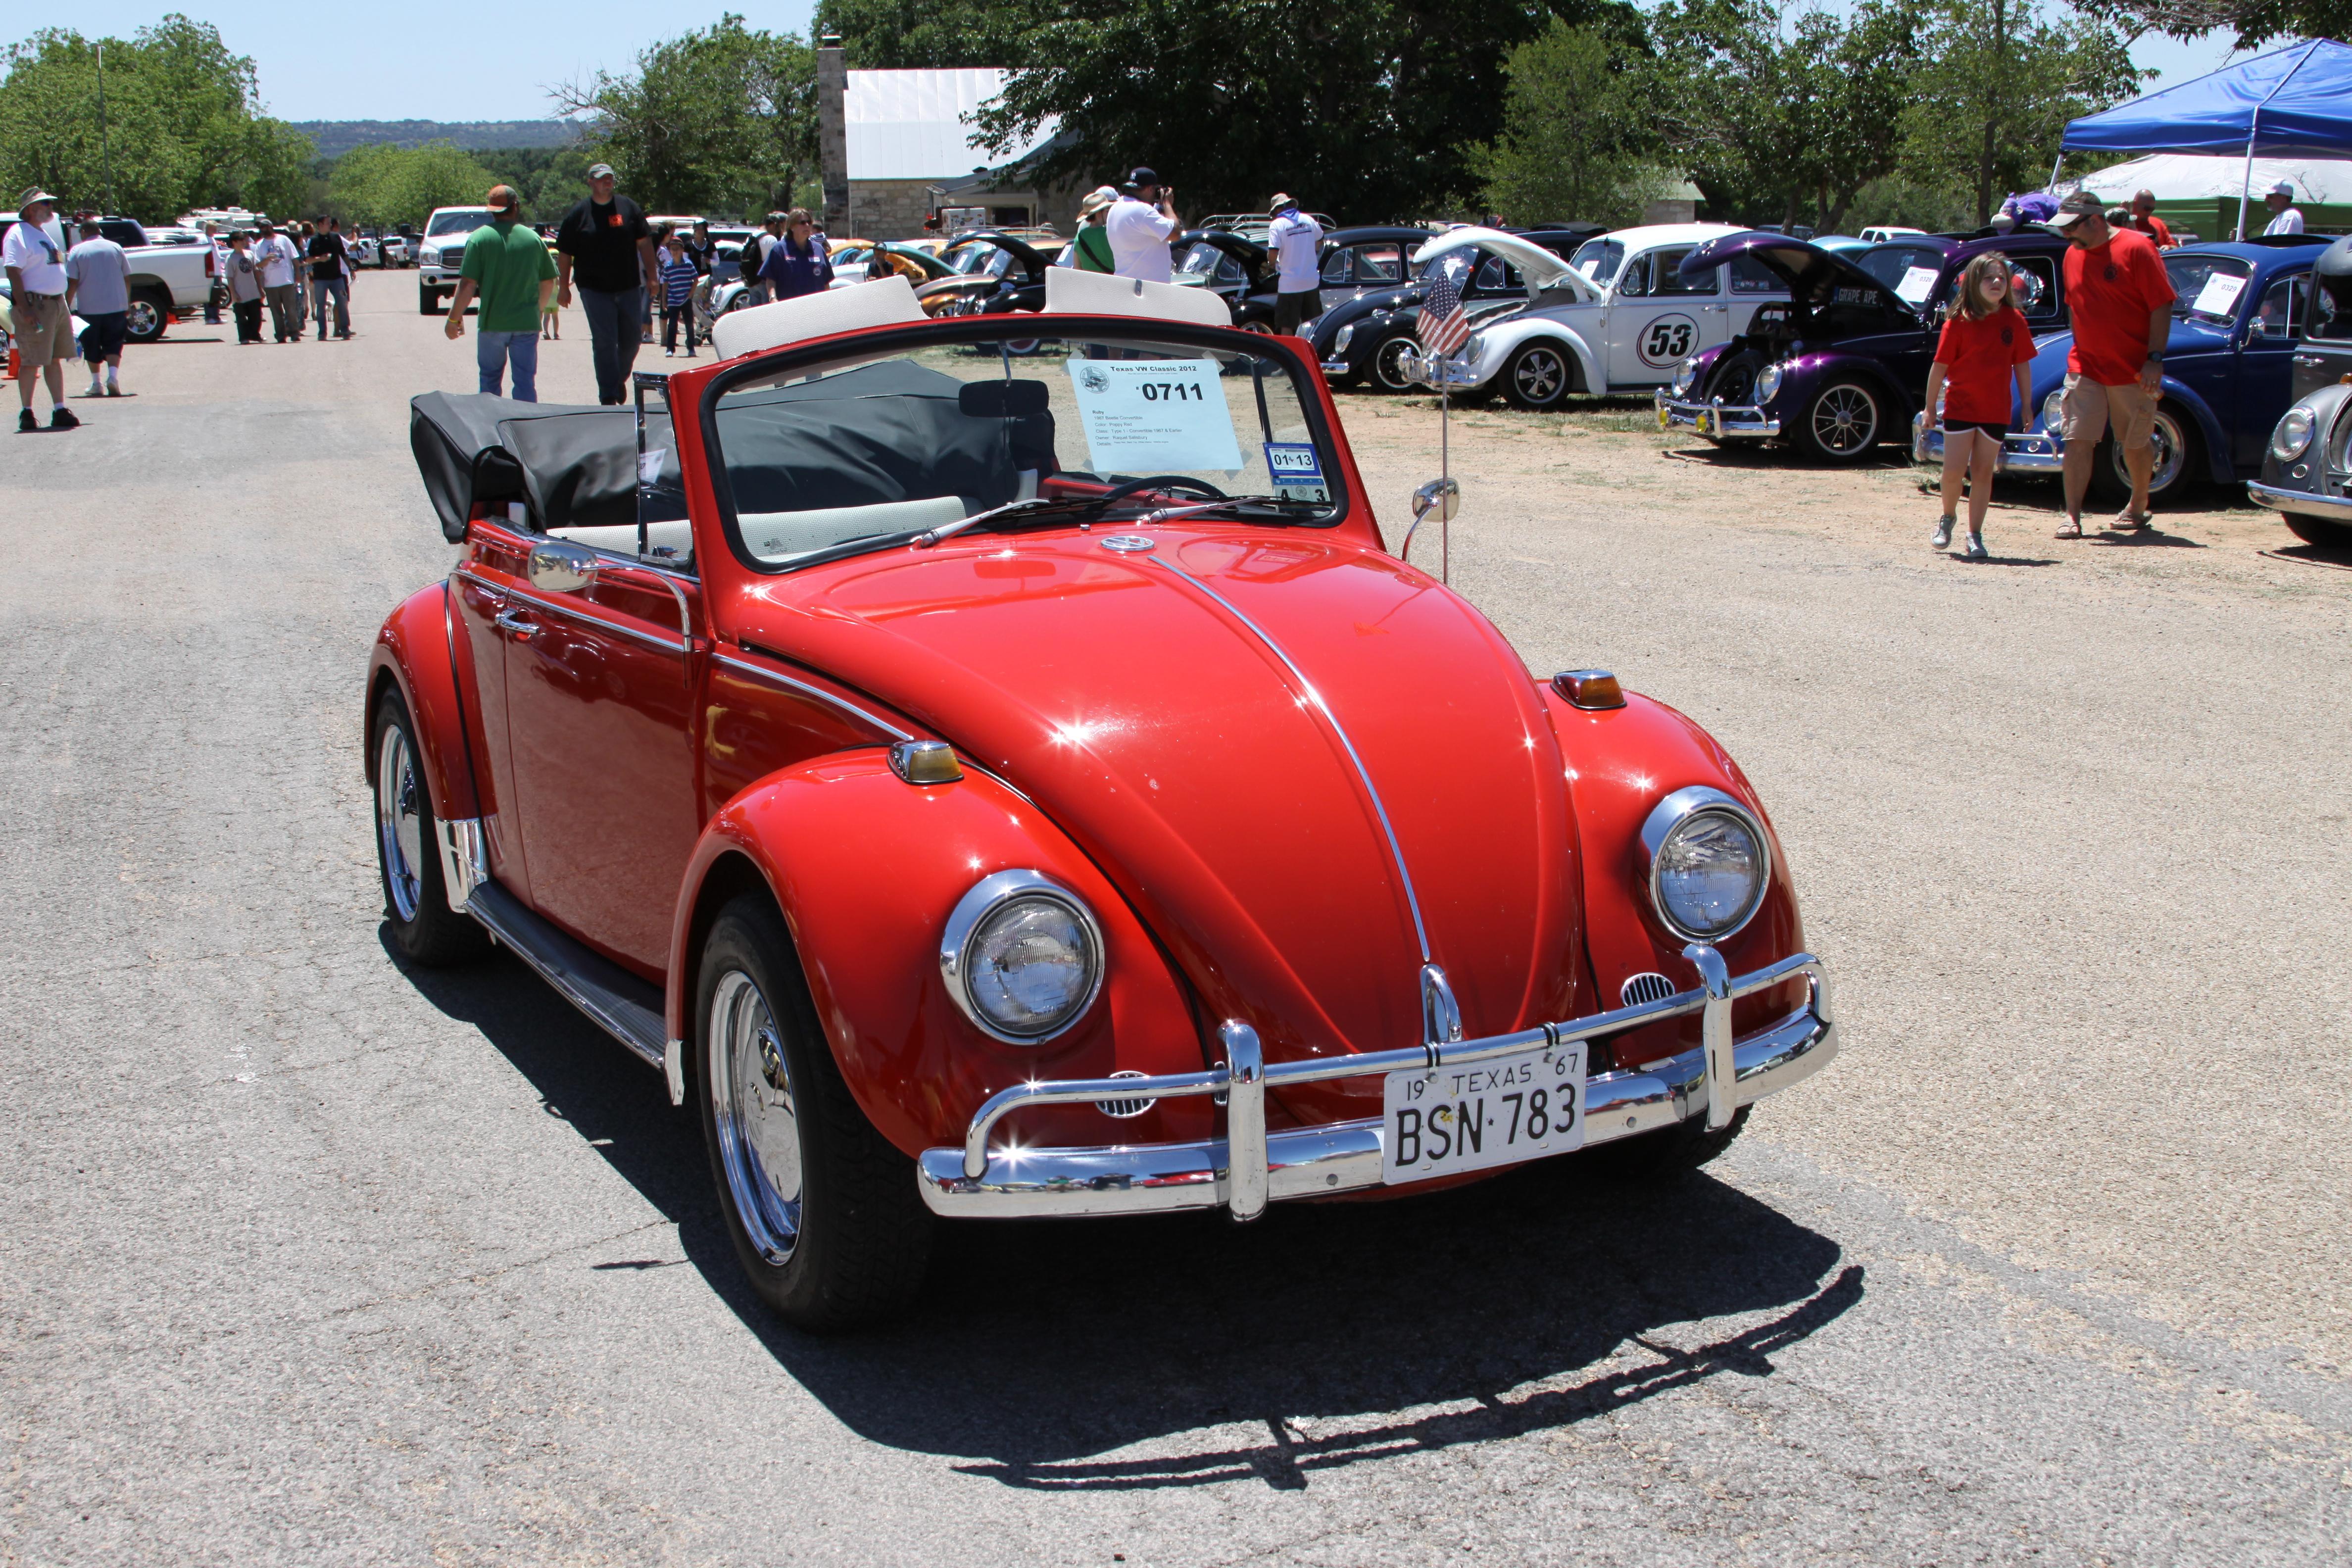 Ruby 0711 Texas Vw Classic